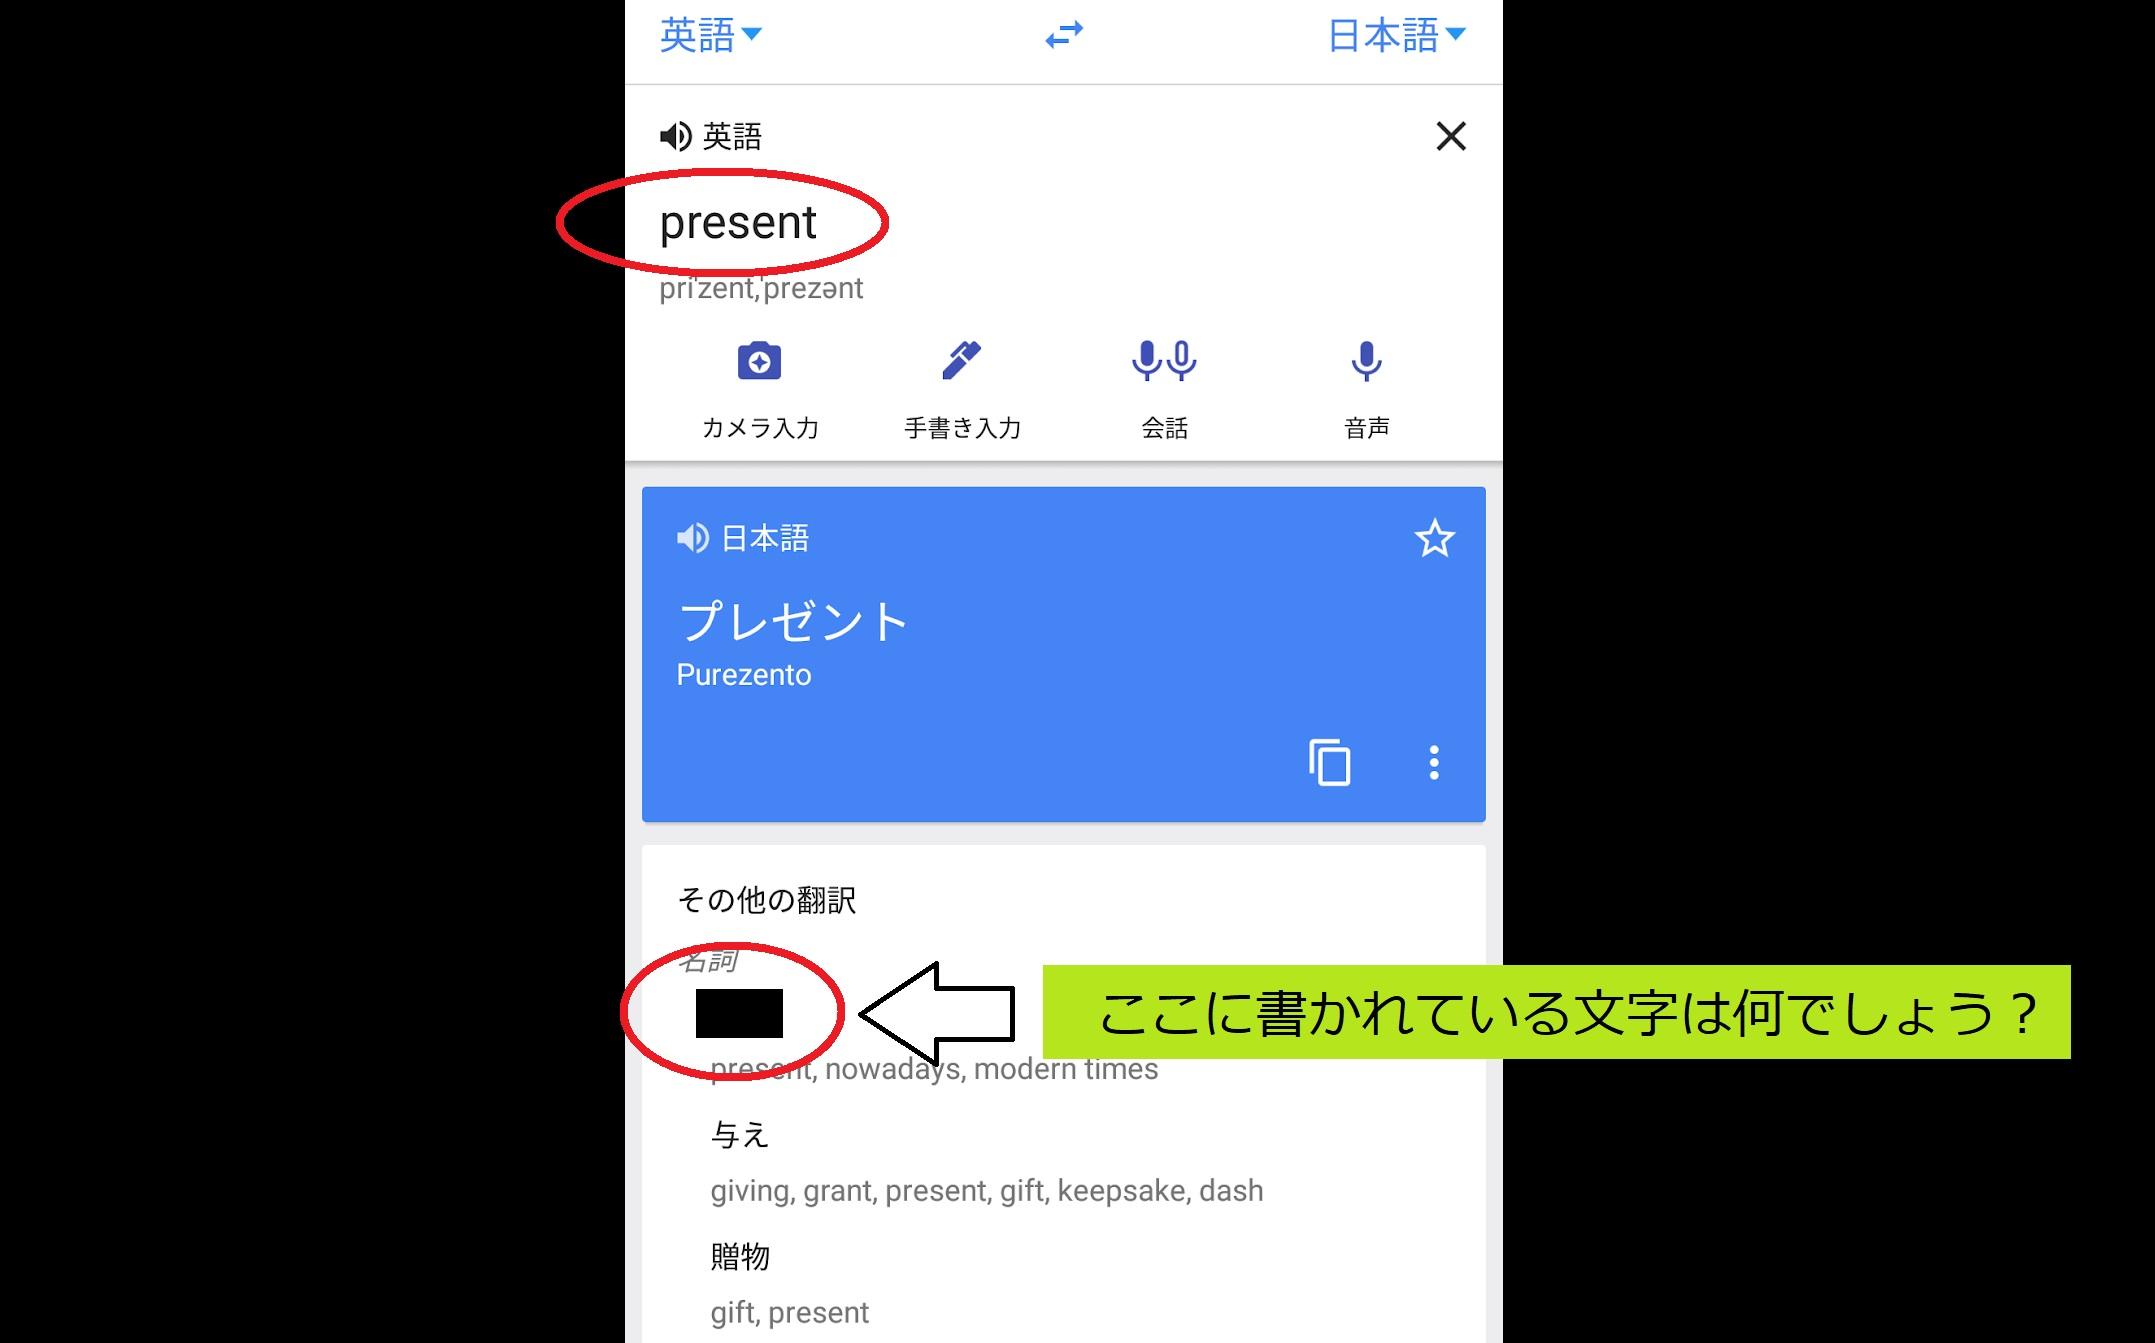 【時間銀行】「present」という英単語の「贈り物」以外の日本語訳を知っていますか?